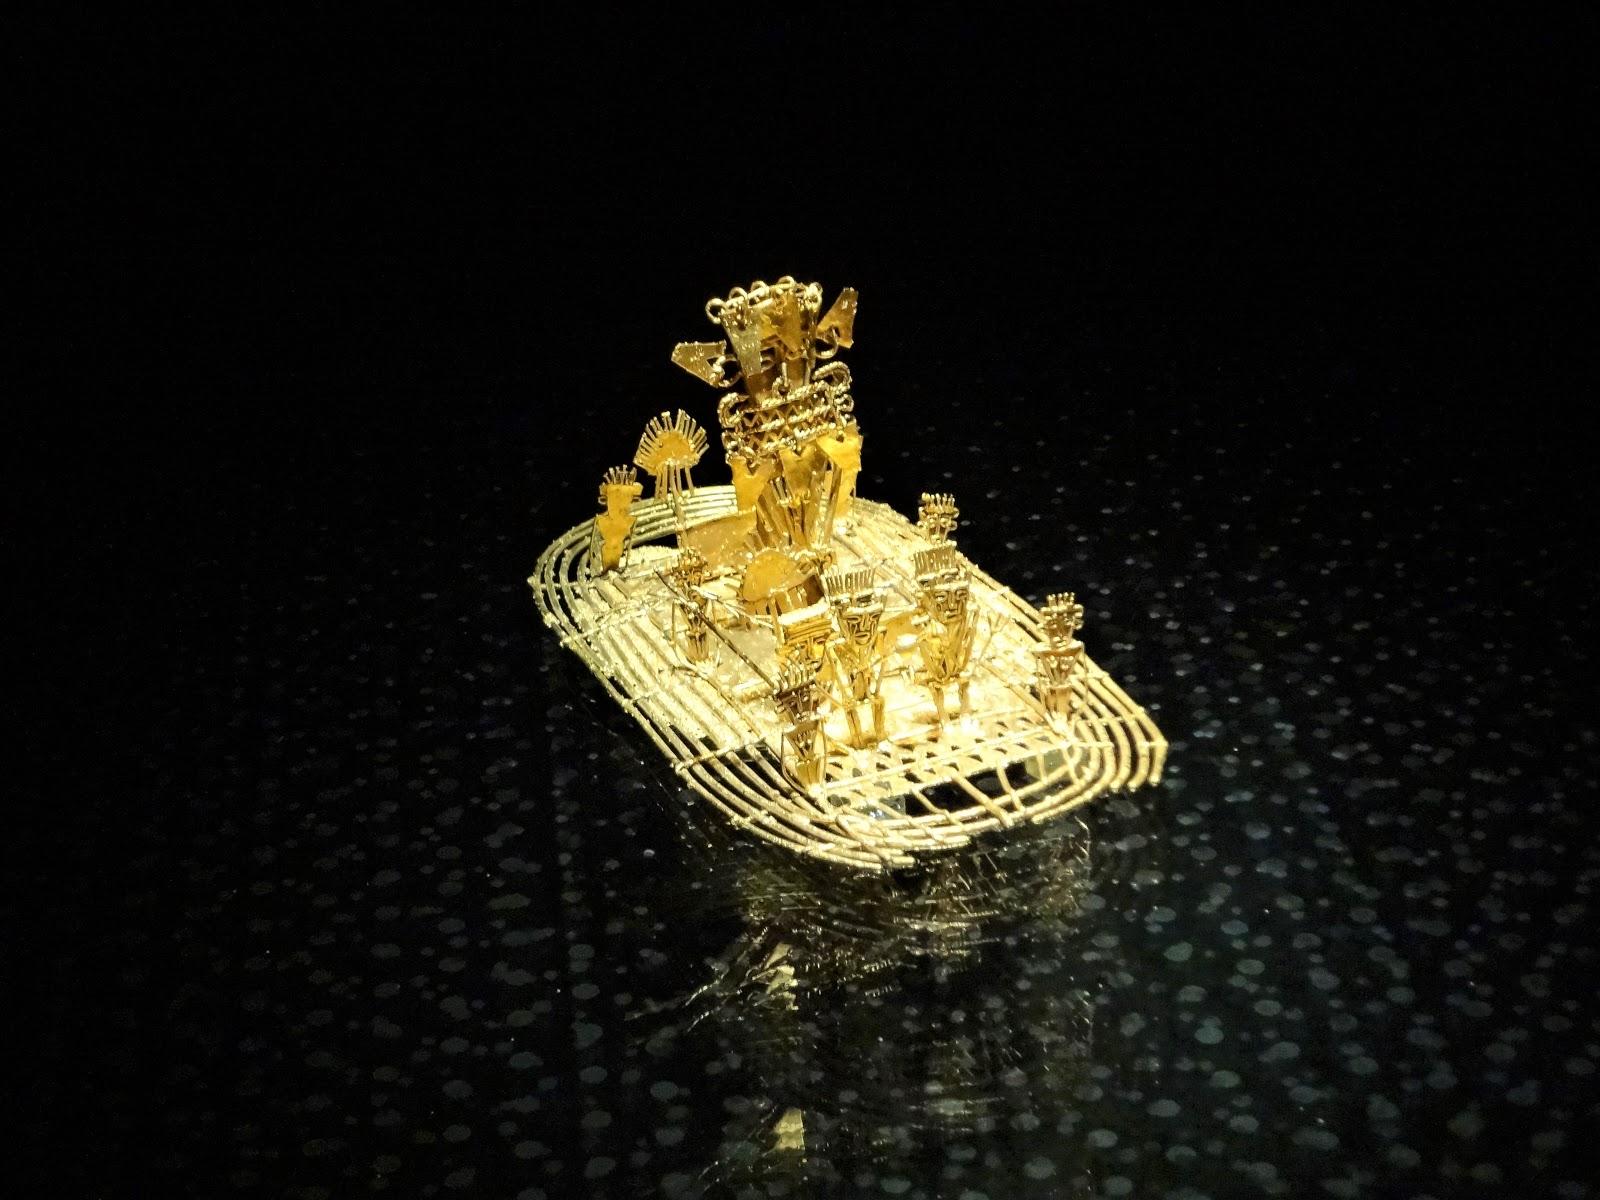 コロンビアの黄金文明『エル・ドラード』伝説の真実とは?